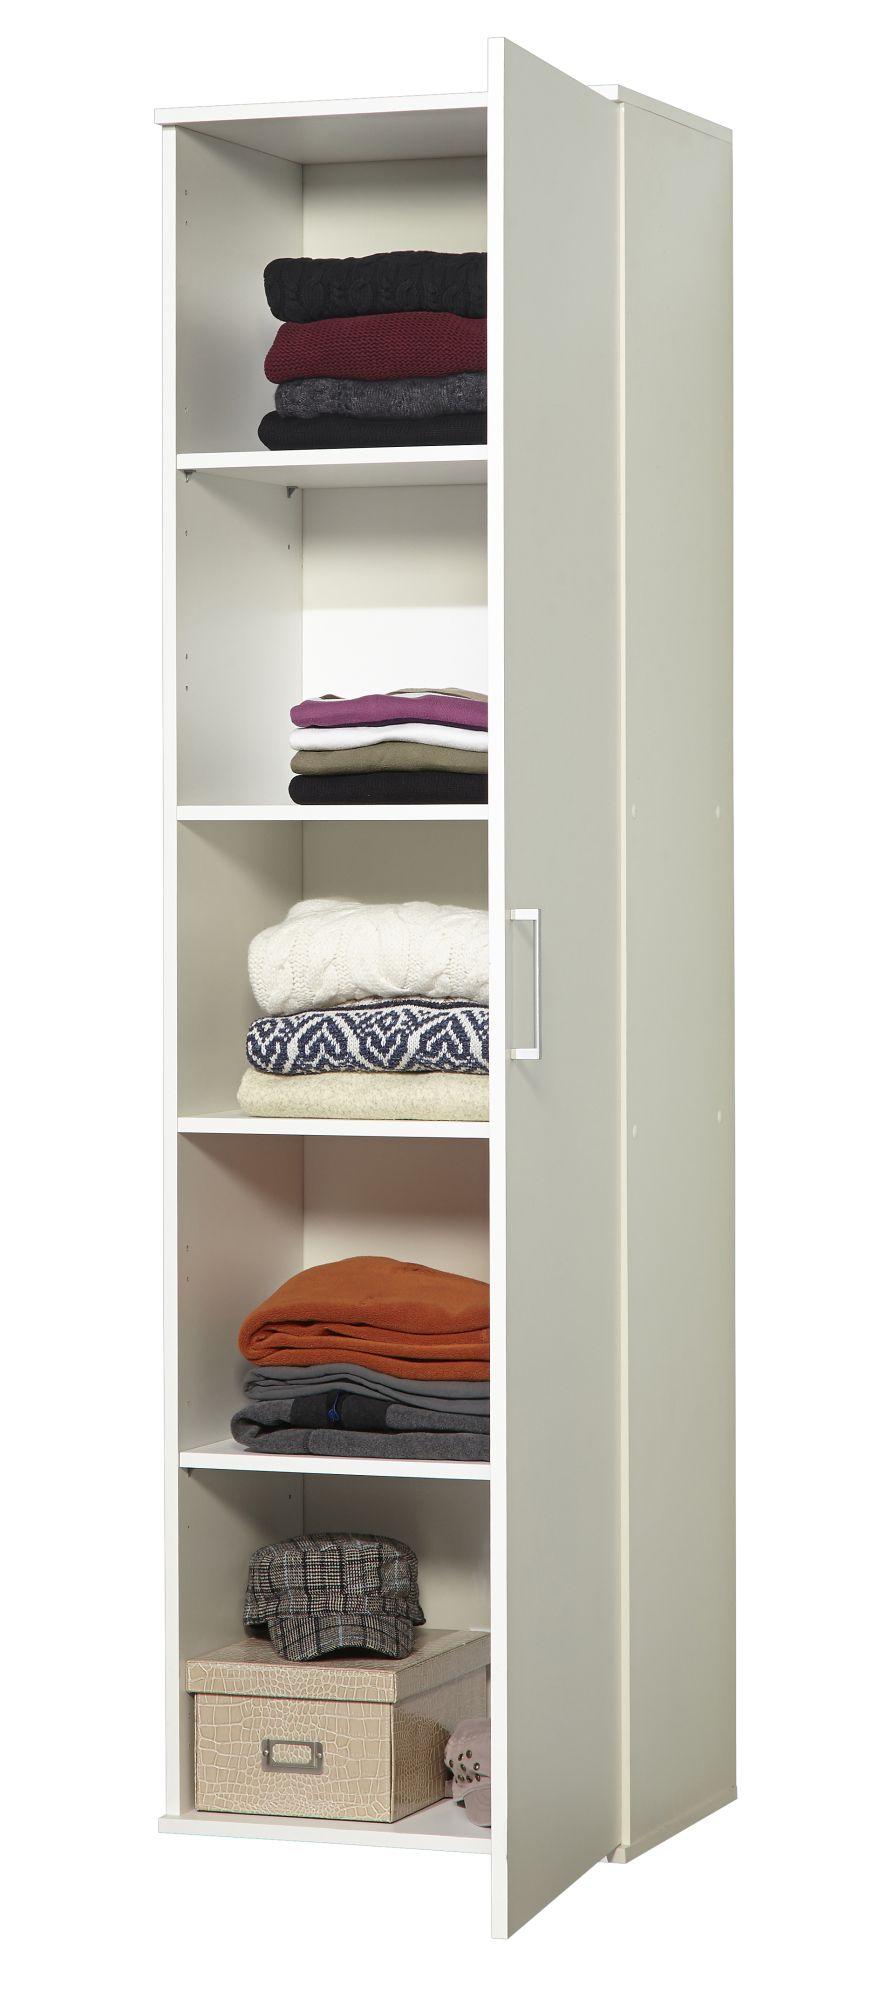 universalschrank dielenschrank schrank ronny 1 t rig wei neu ovp ebay. Black Bedroom Furniture Sets. Home Design Ideas